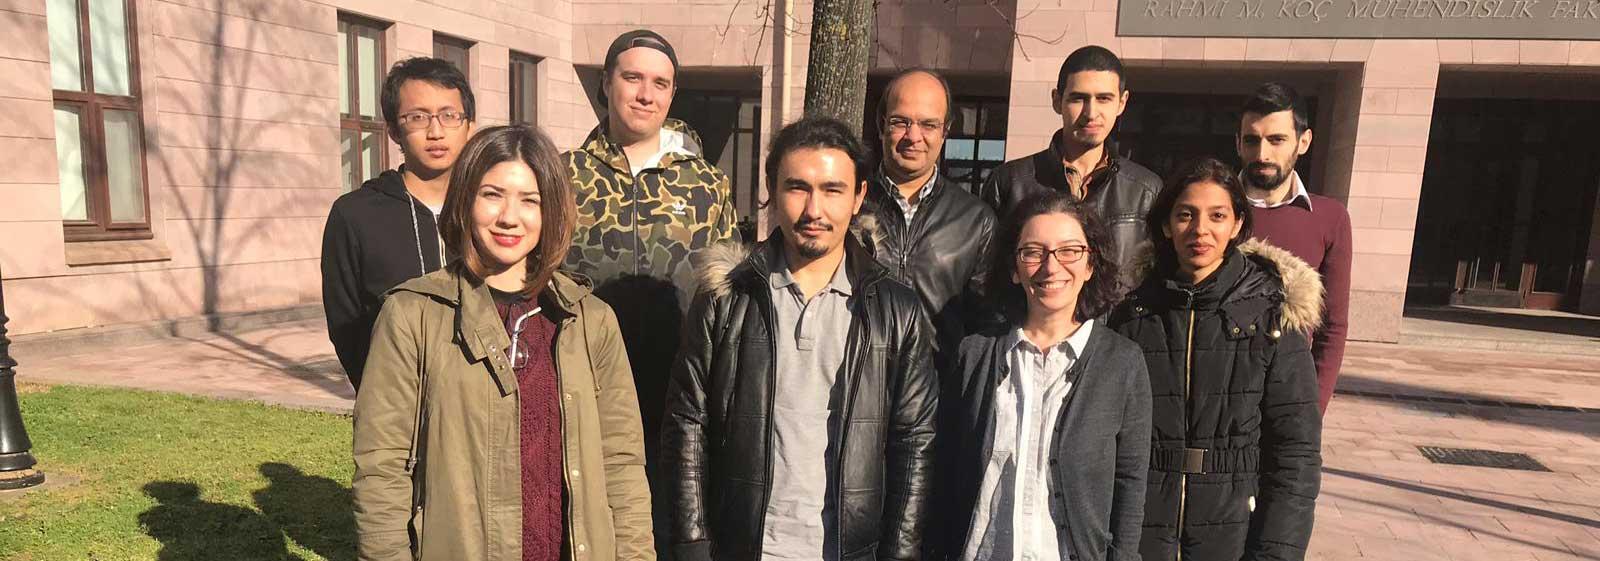 科奇大学ParCoreLab实验室团队